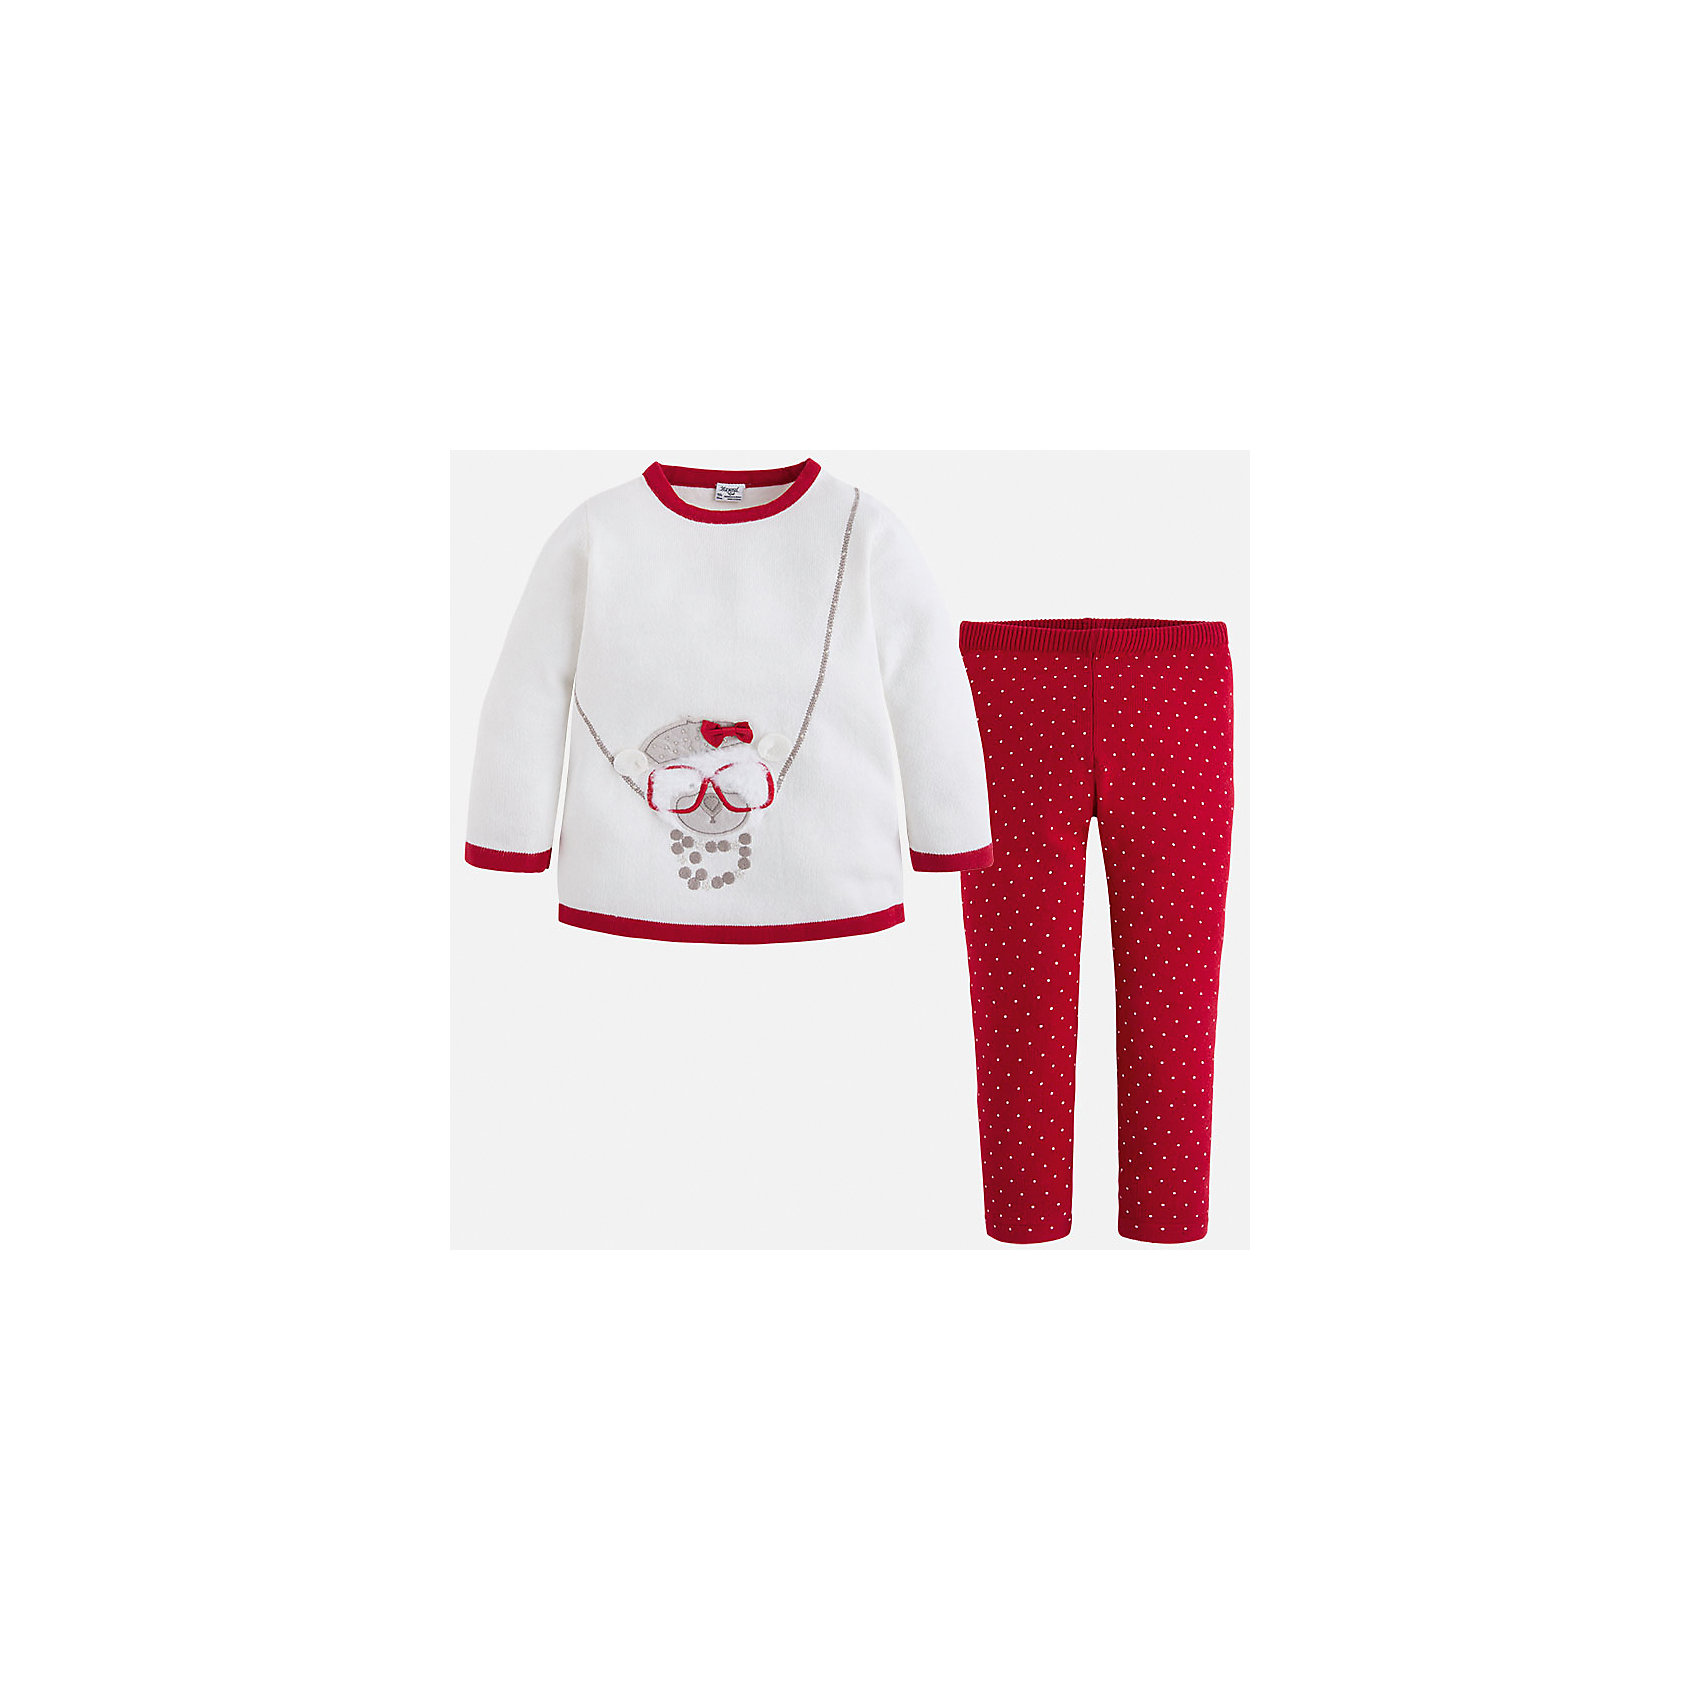 Комплект:футболка и леггинсы для девочки MayoralКомплект из футболки и леггинсов от испанского бренда Mayoral(Майорал) прекрасно подойдут маленькой моднице. Свитер из качественных материалов украшен милой аппликацией с мишкой и стразами. Леггинсы с приятной расцветкой в горошек. Отличный вариант для повседневной носки!<br>Дополнительная информация:<br>-украшен аппликацией и стразами<br>-цвет: красный/белый<br>-состав: 60% хлопок, 40% акрил<br>Комплект из футболки и леггинсов Mayoral(Майорал) можно купить в нашем интернет-магазине.<br><br>Ширина мм: 123<br>Глубина мм: 10<br>Высота мм: 149<br>Вес г: 209<br>Цвет: красный<br>Возраст от месяцев: 72<br>Возраст до месяцев: 84<br>Пол: Женский<br>Возраст: Детский<br>Размер: 122,98,116,110,92,104<br>SKU: 4844118